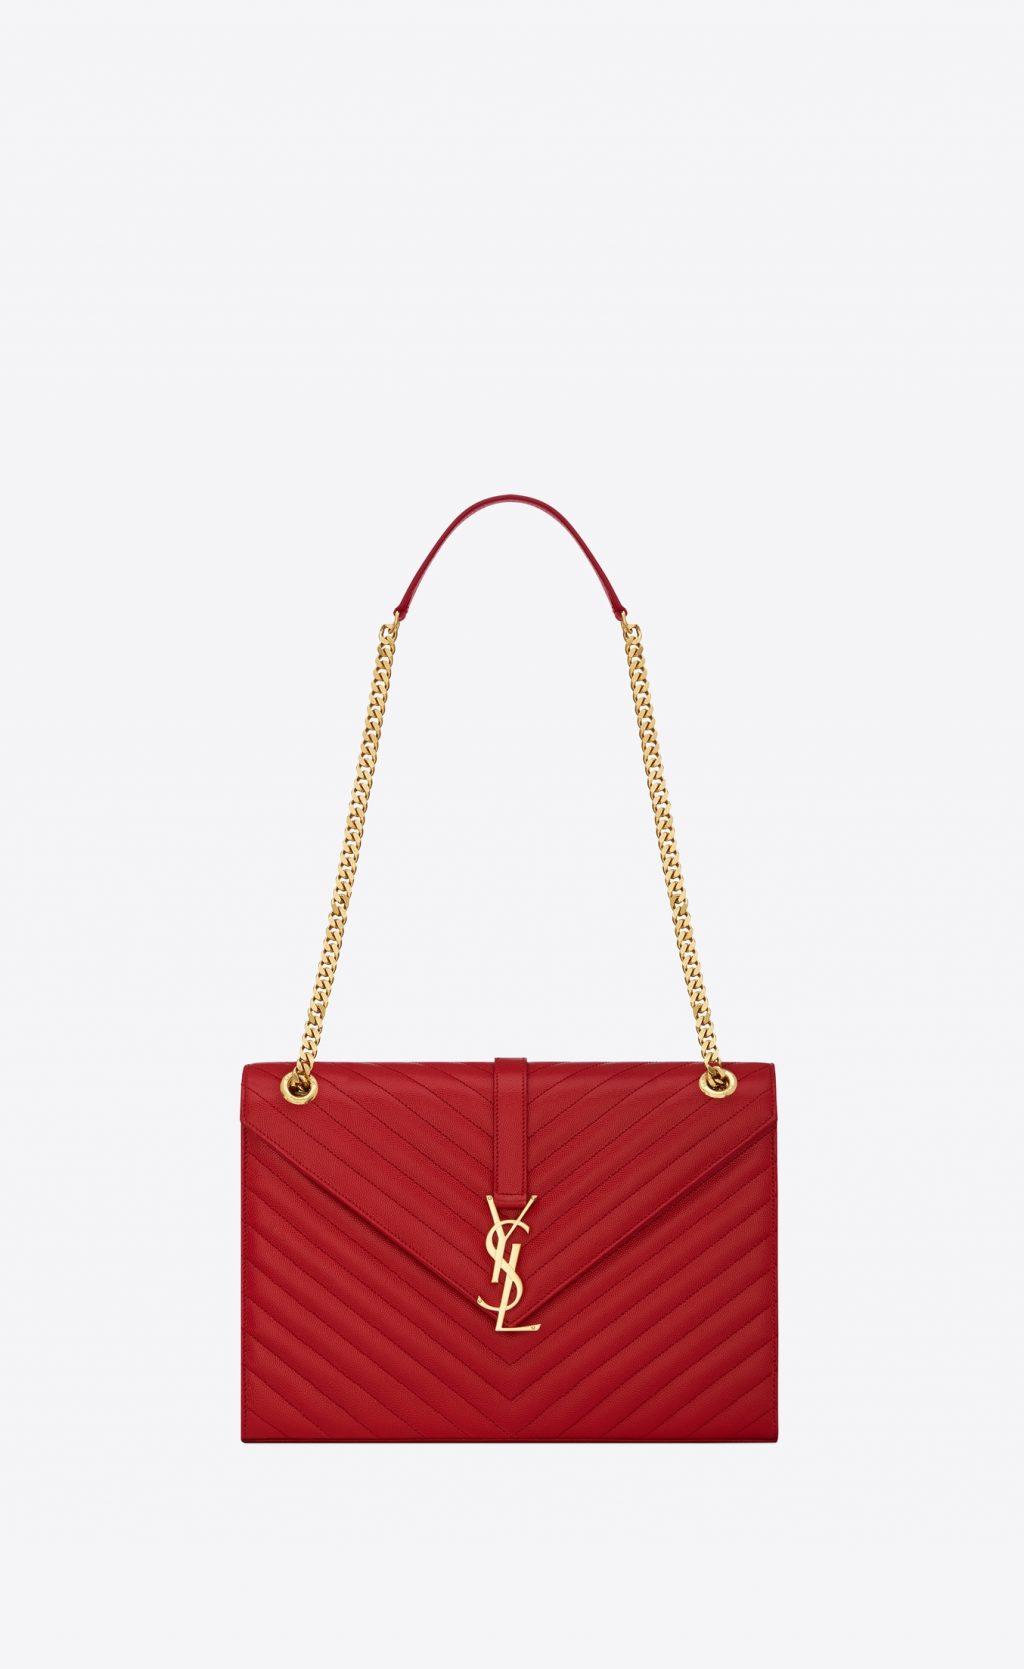 túi xách đỏ saint laurent